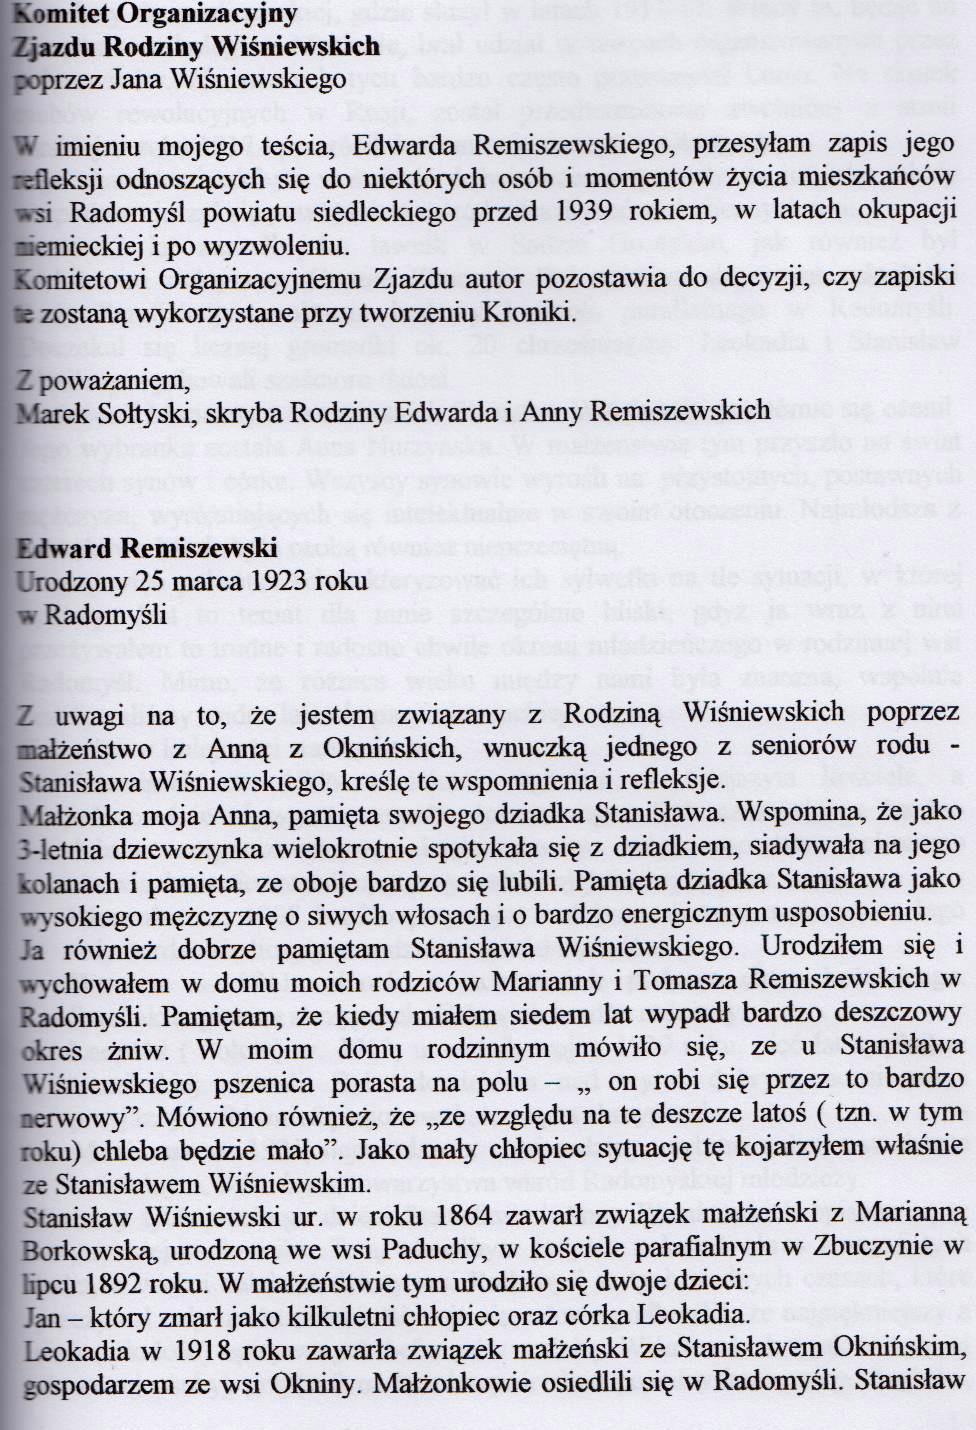 Wspomnienia Edwarda Remiszewskiego